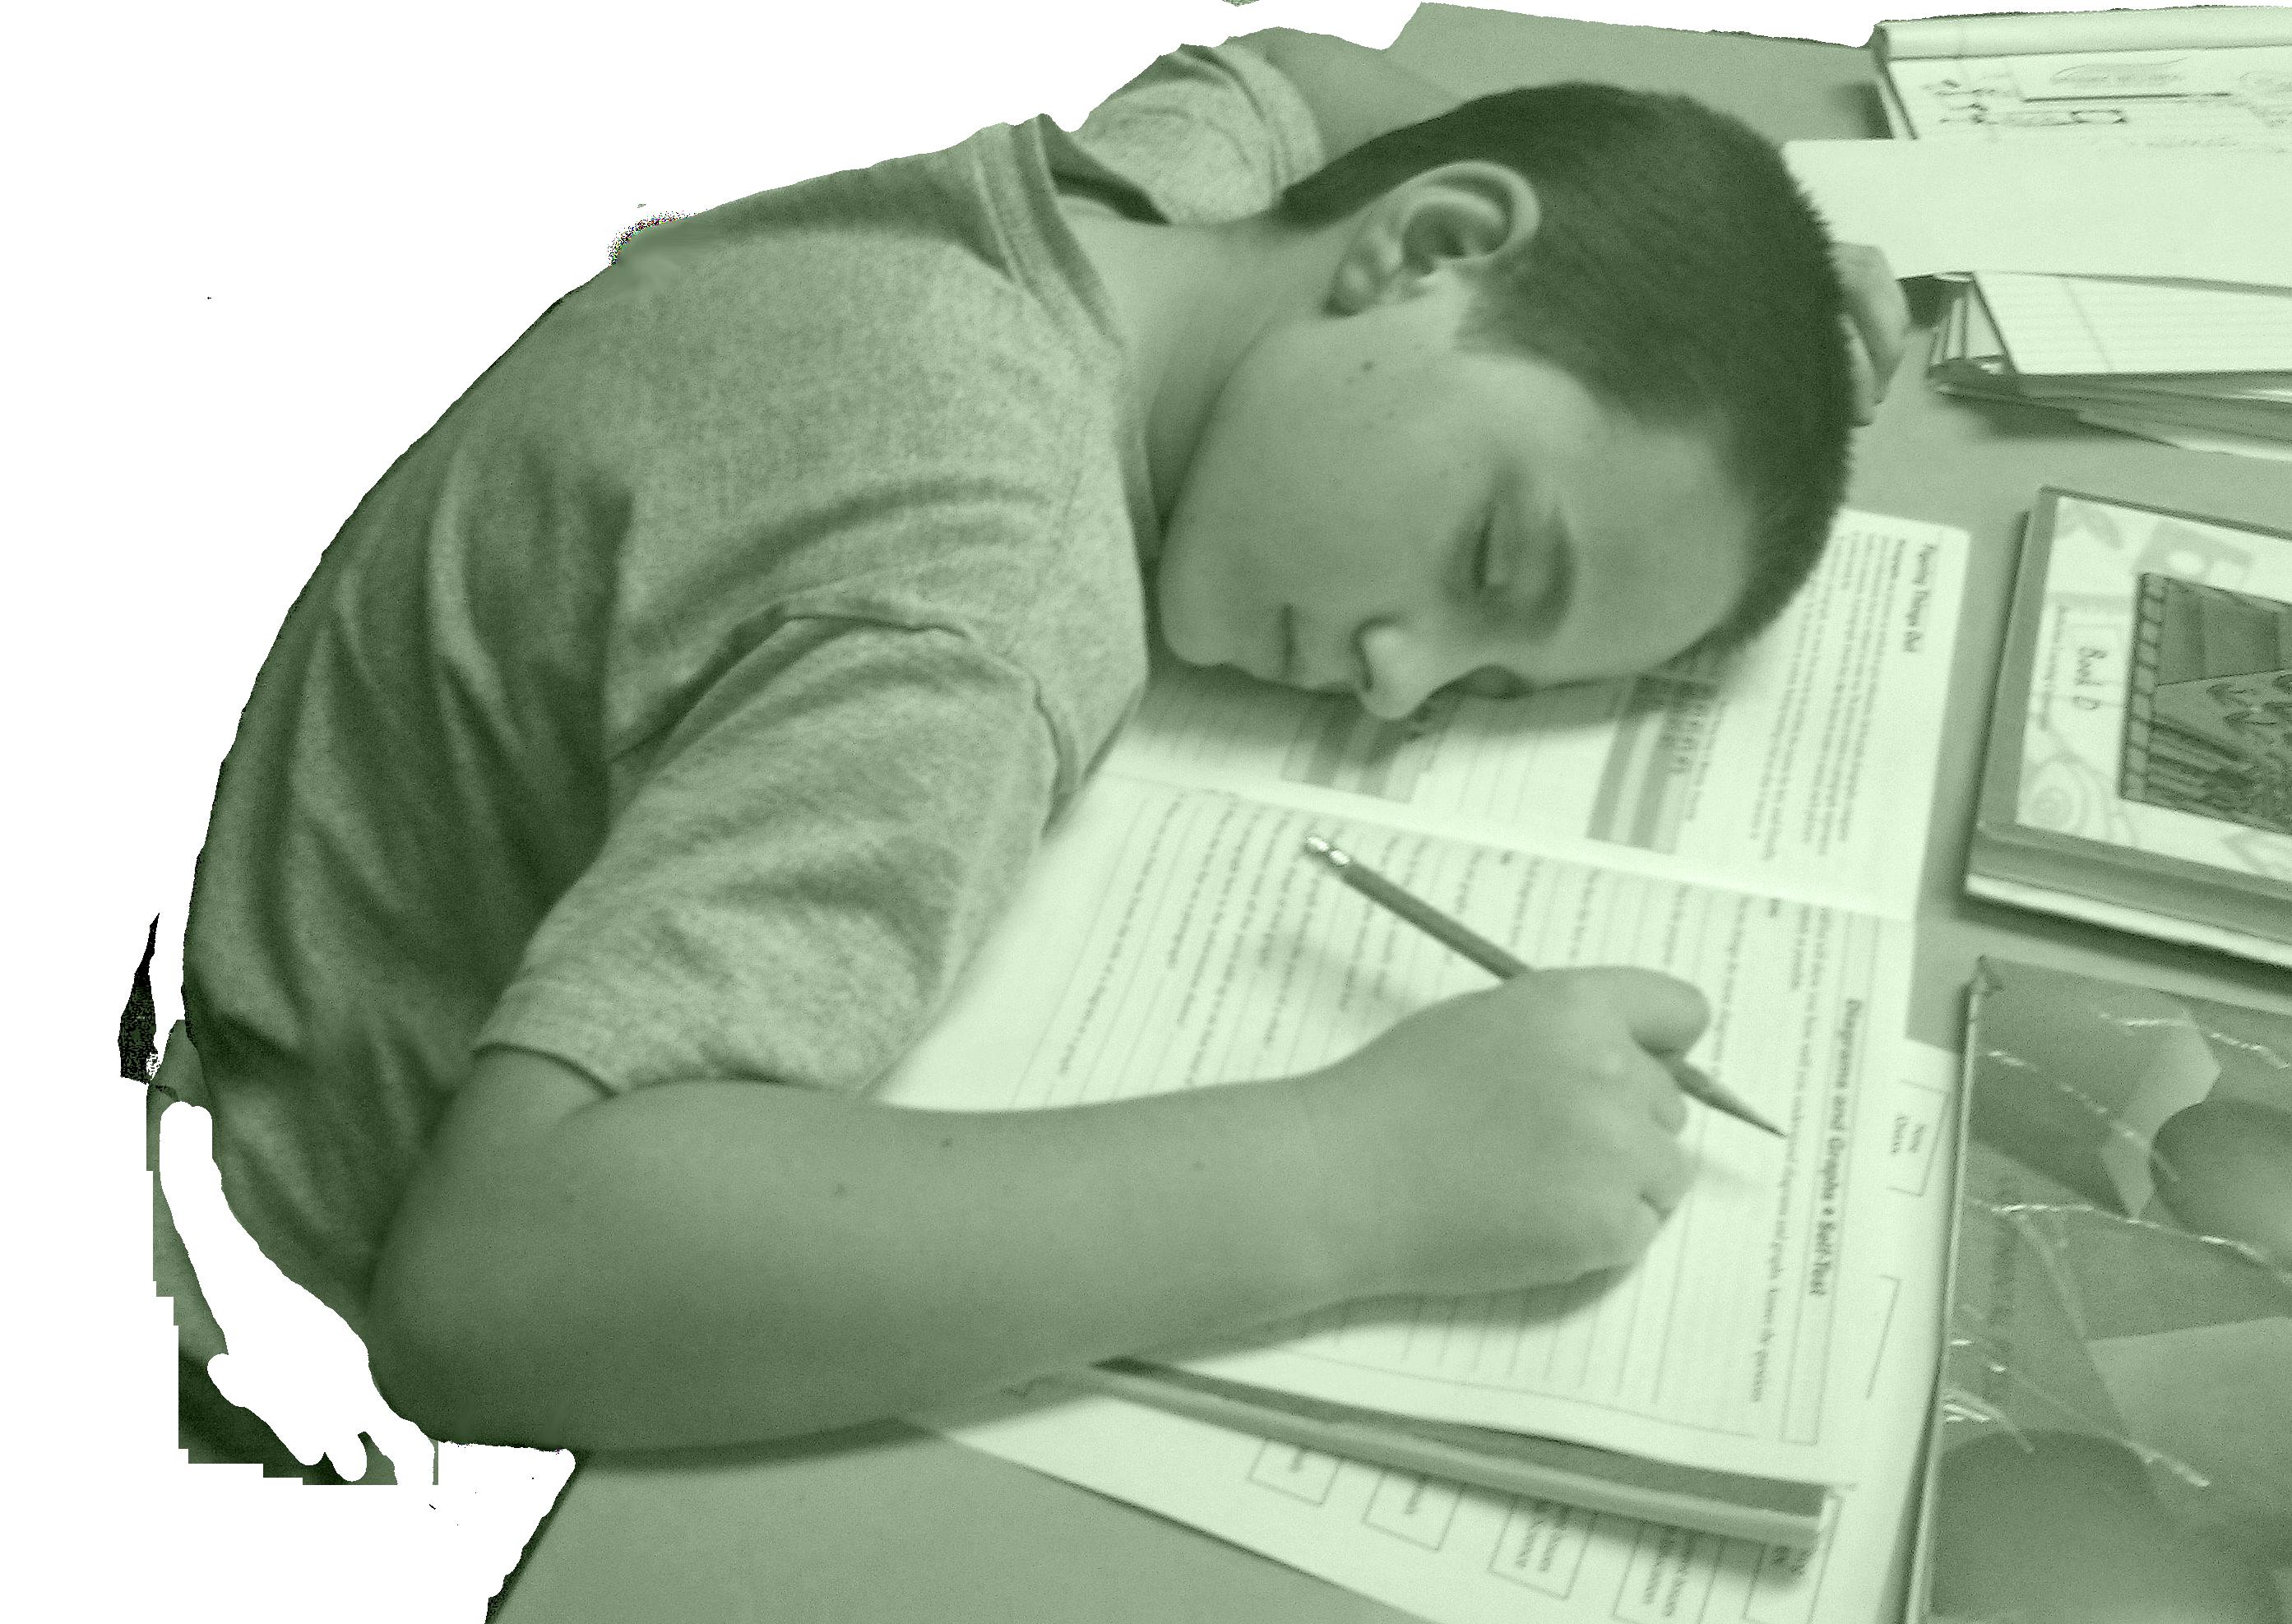 School homework unmotivated